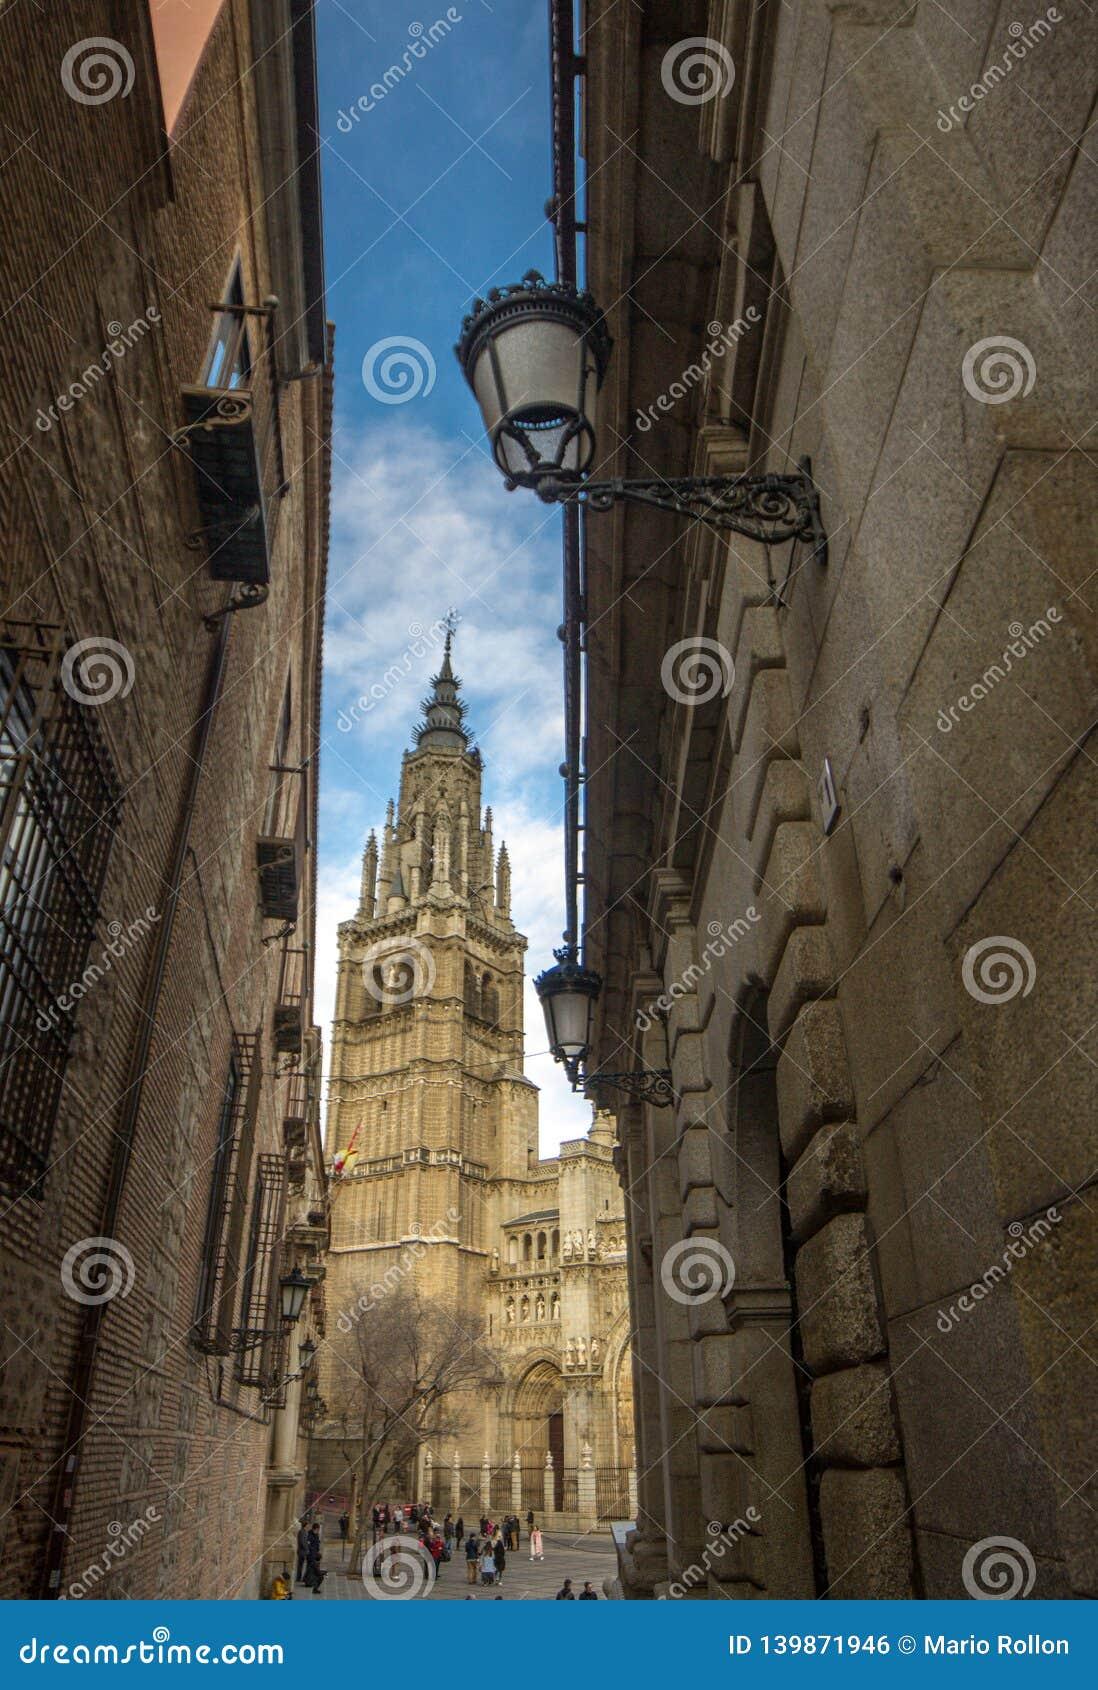 Schmale Straße von Toledo und Turm der Kathedrale von Toledo